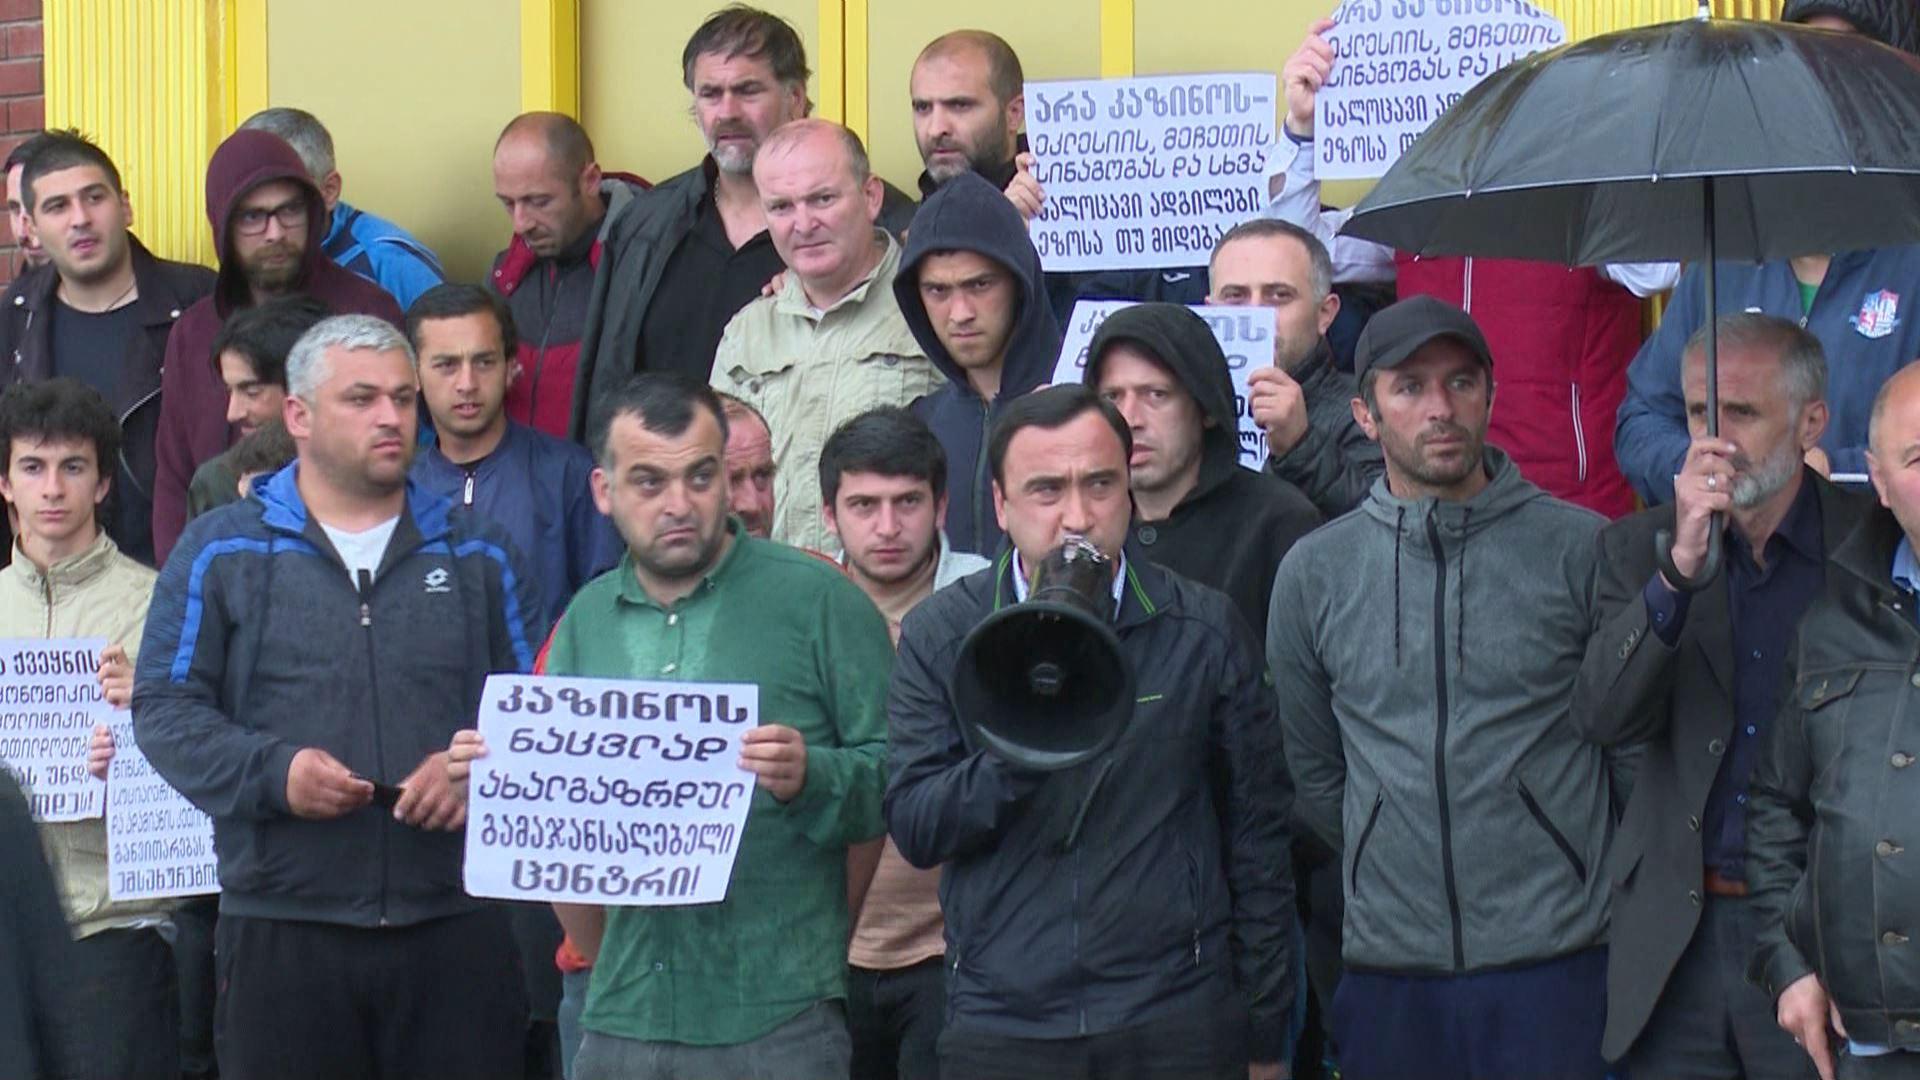 Locals in Sarpi are protesting against casinos